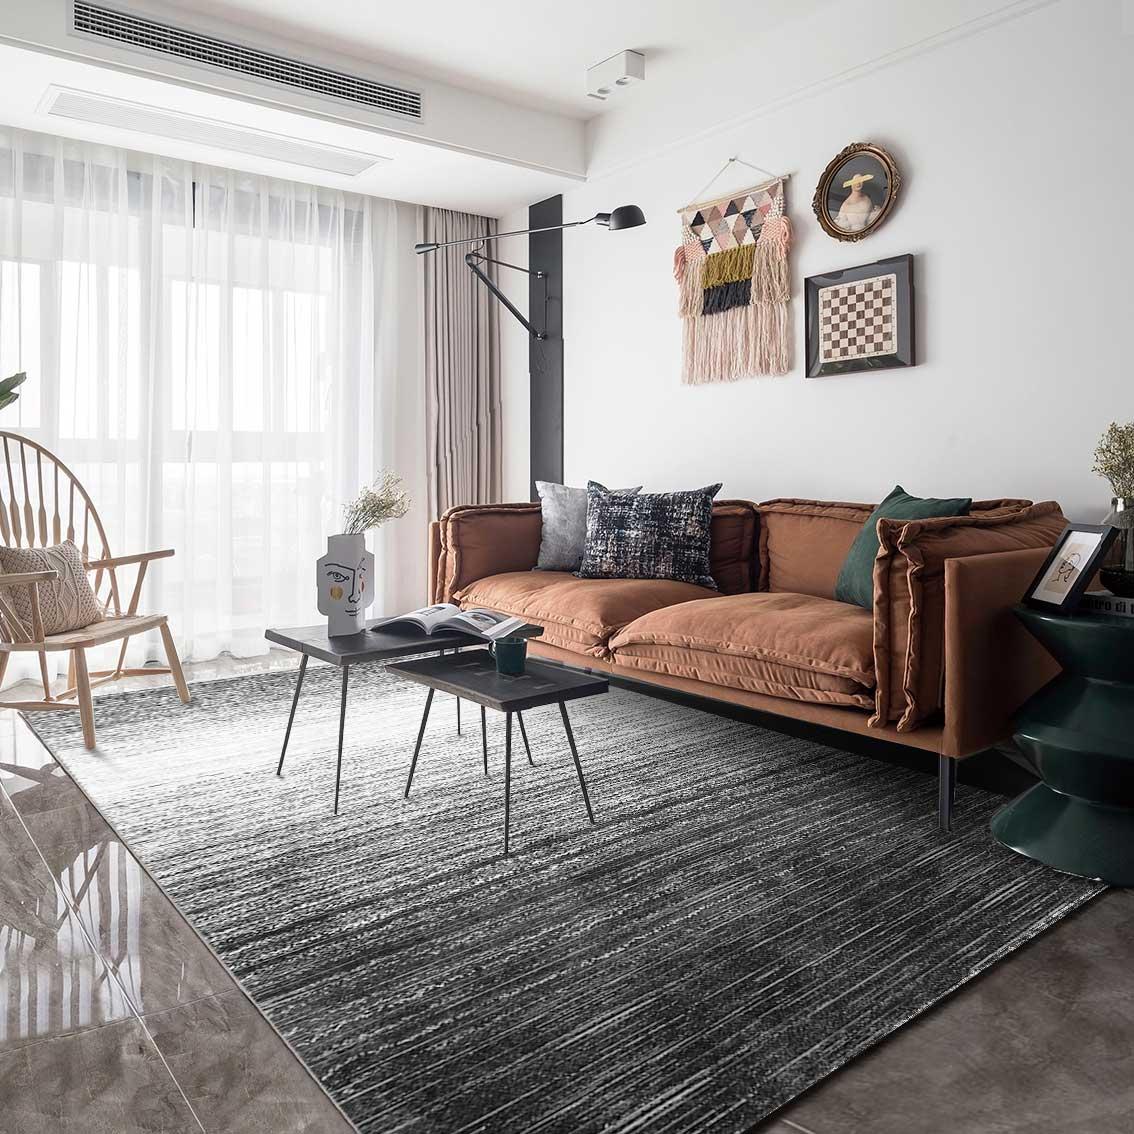 Hiện đại tối giản thảm phòng khách bàn cà phê thảm Bắc Âu thảm phòng ngủ thảm màu xám thảm tùy chỉnh thảm - Thảm